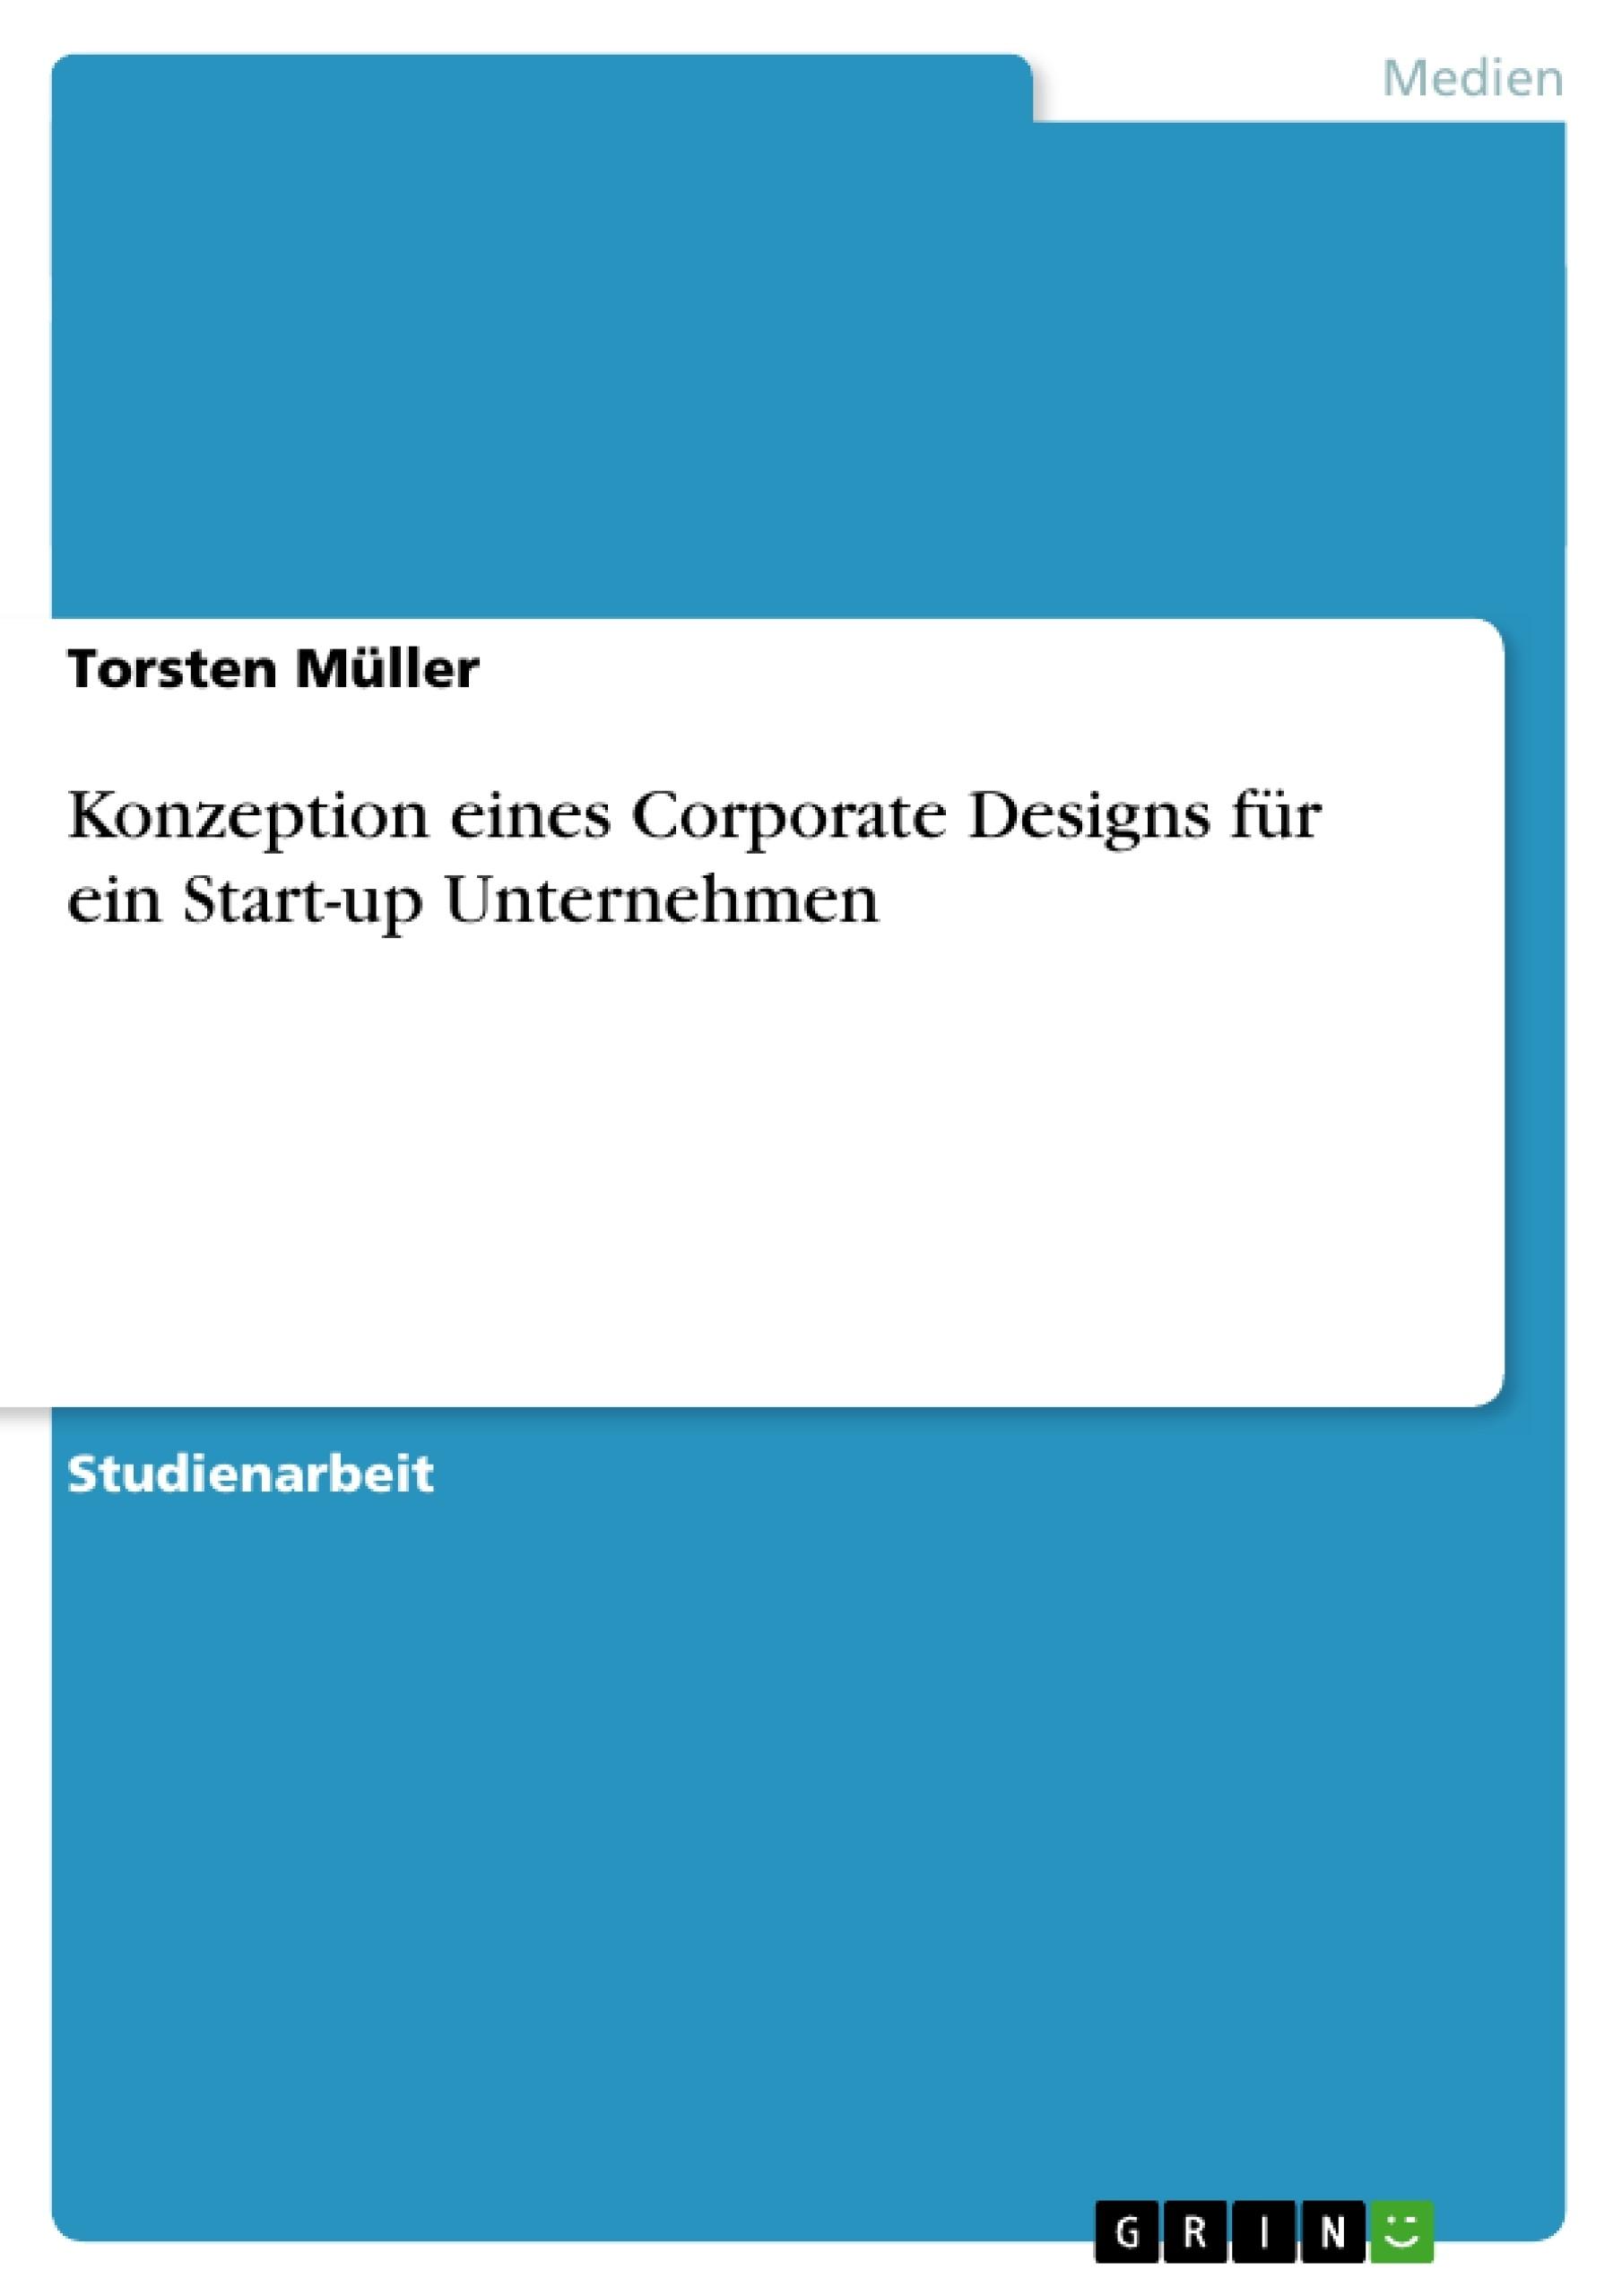 Titel: Konzeption eines Corporate Designs für ein Start-up Unternehmen